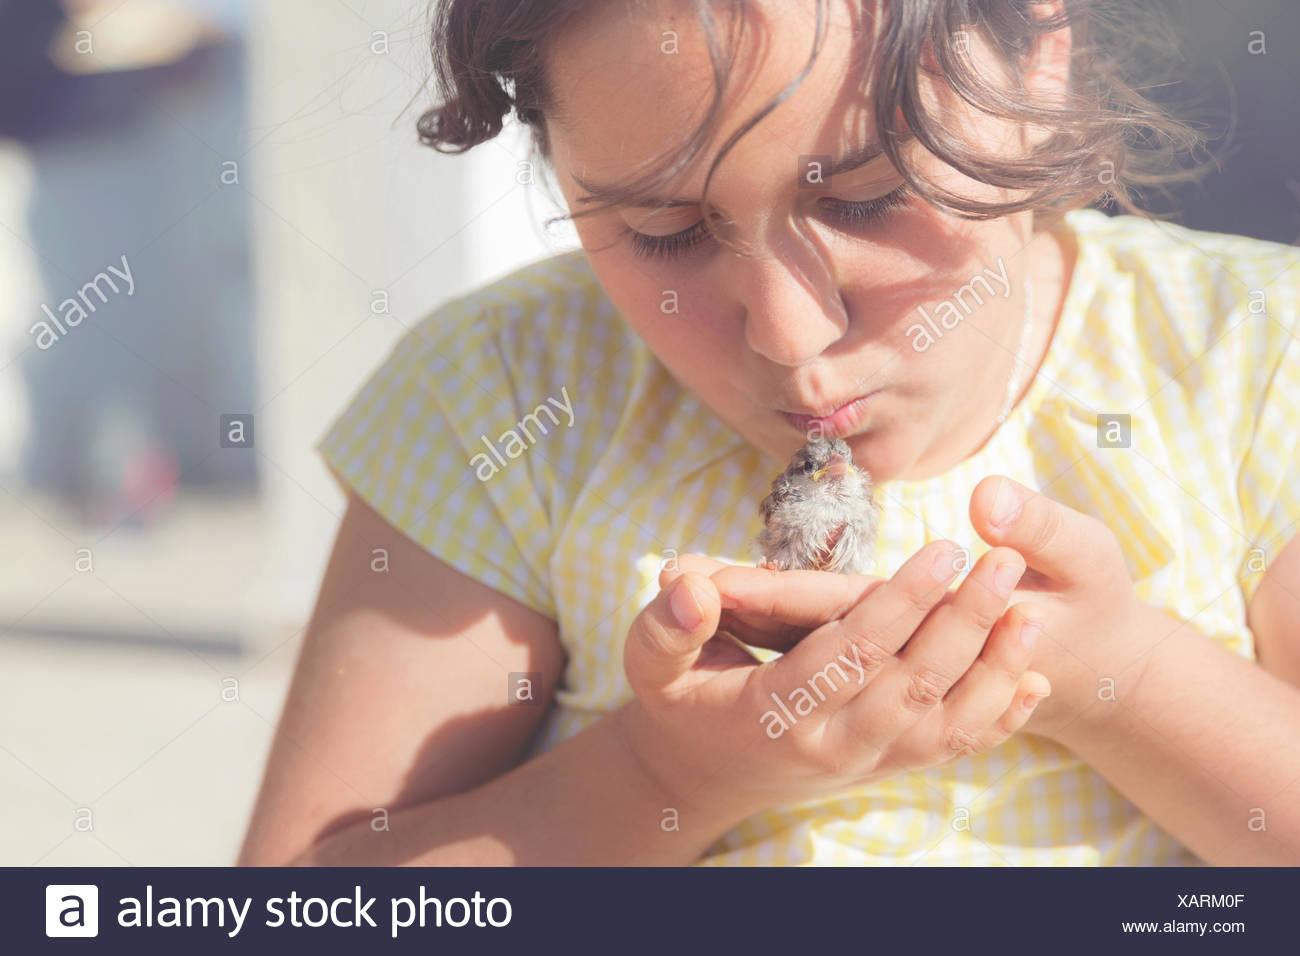 Mädchen küssen Vogel Stockfoto